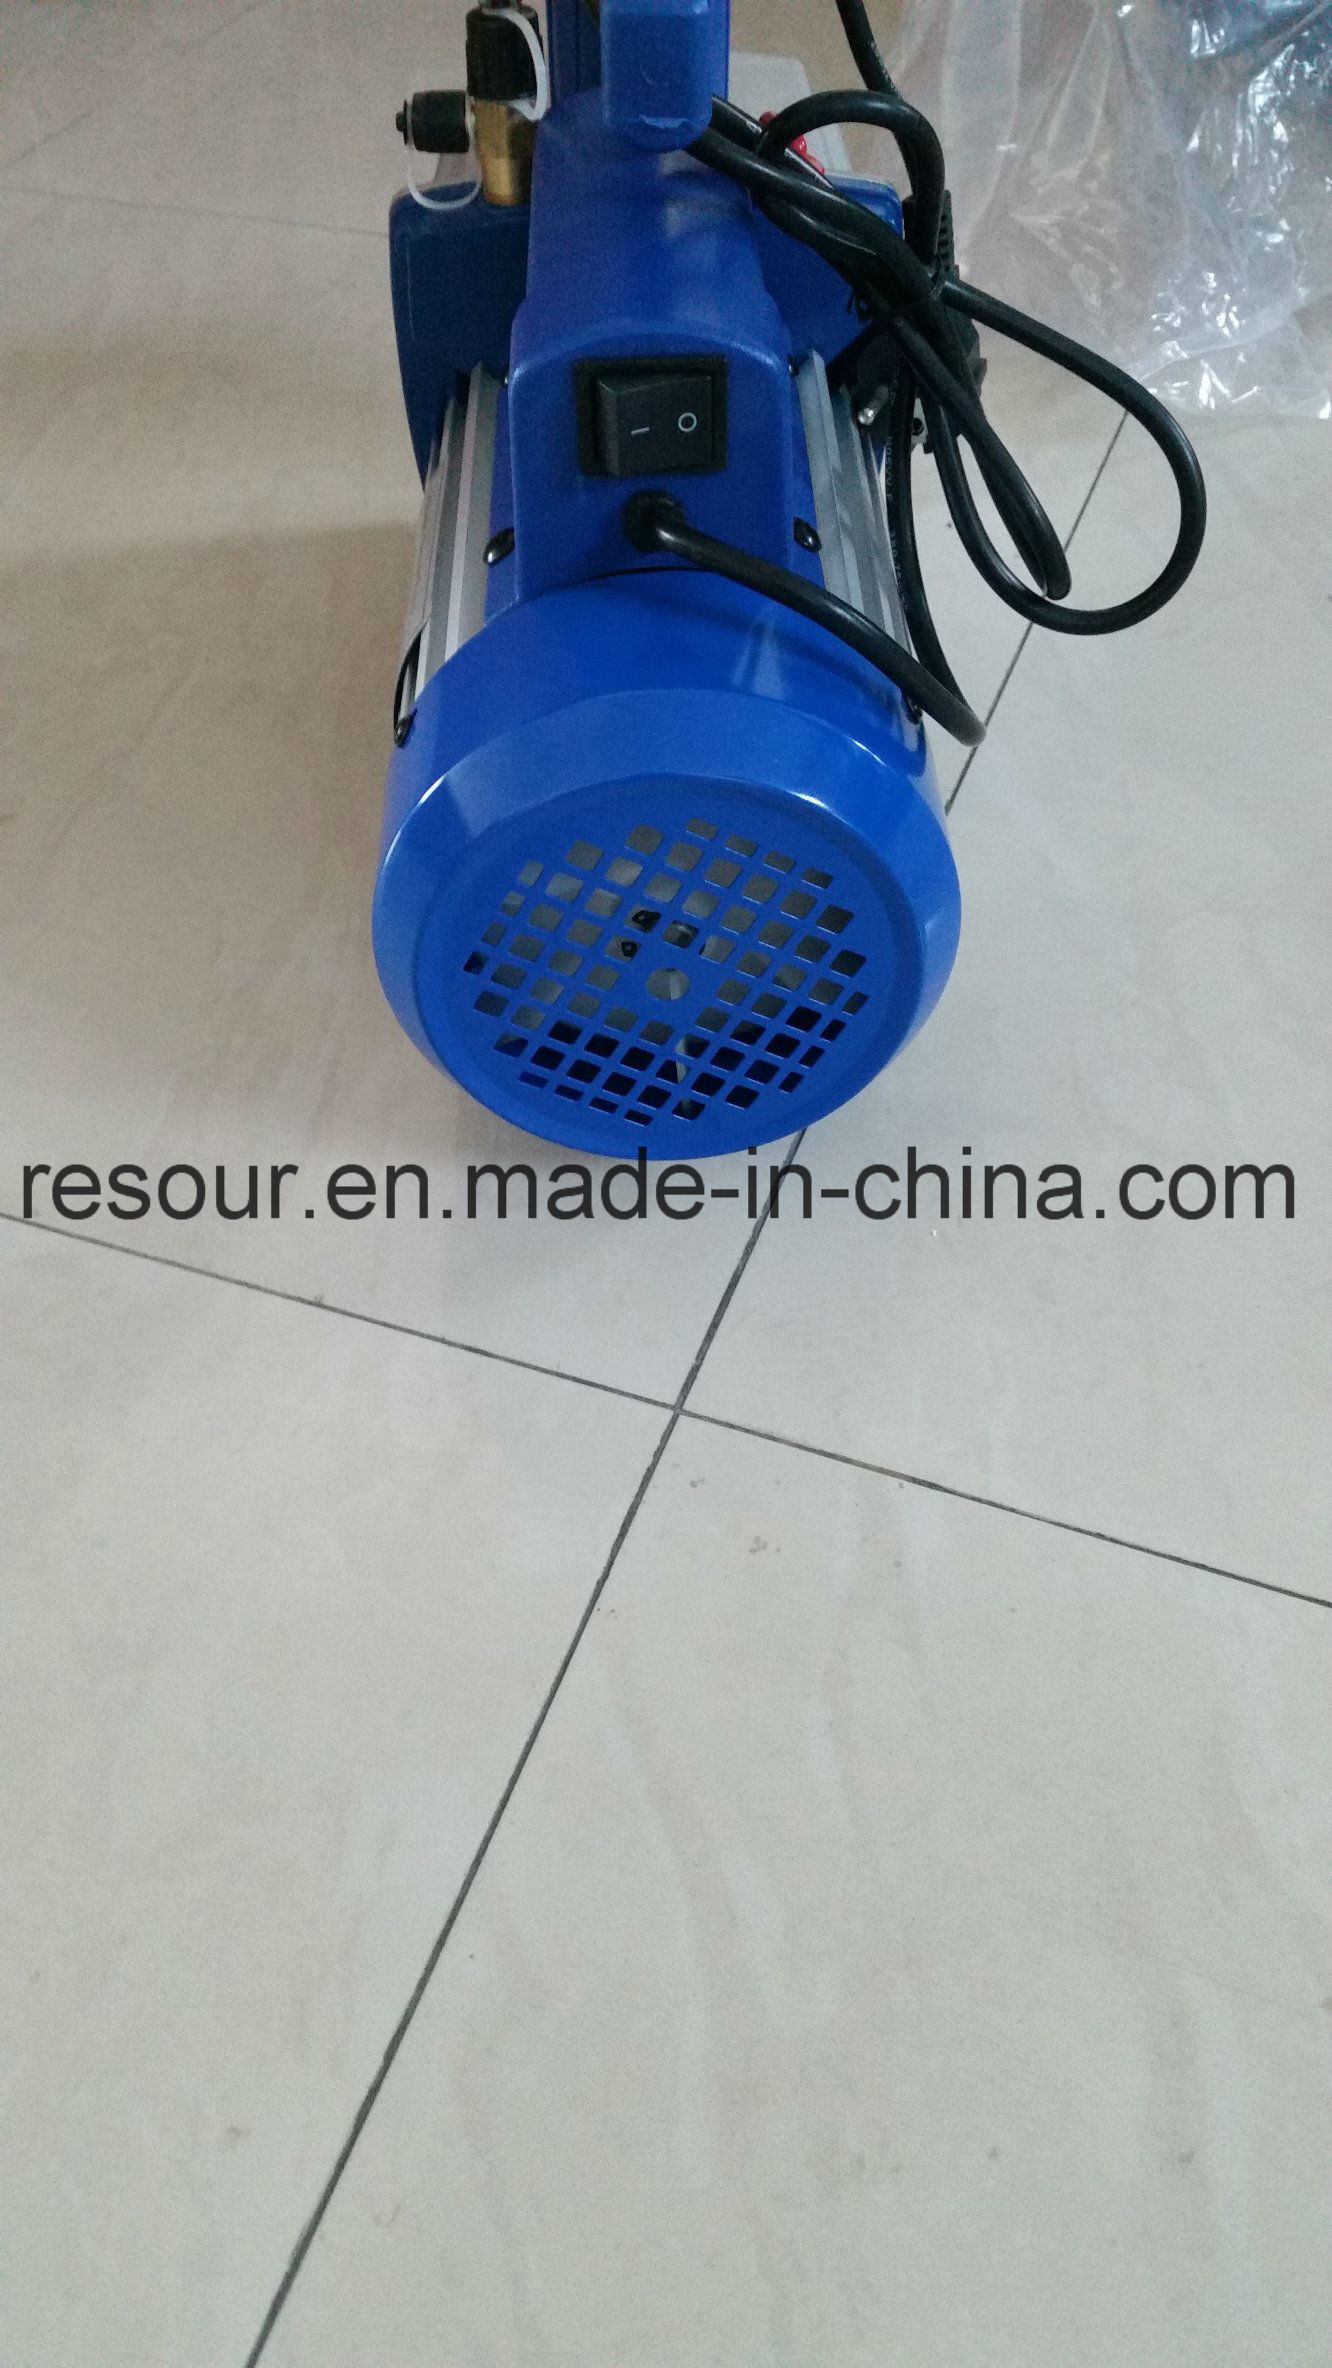 Vacuum Pump (with vacuum gauge and solenoid valve) for Refrigeration, Vp215, Vp225, Vp235, Vp245, Vp260, Vp280, Vp2100